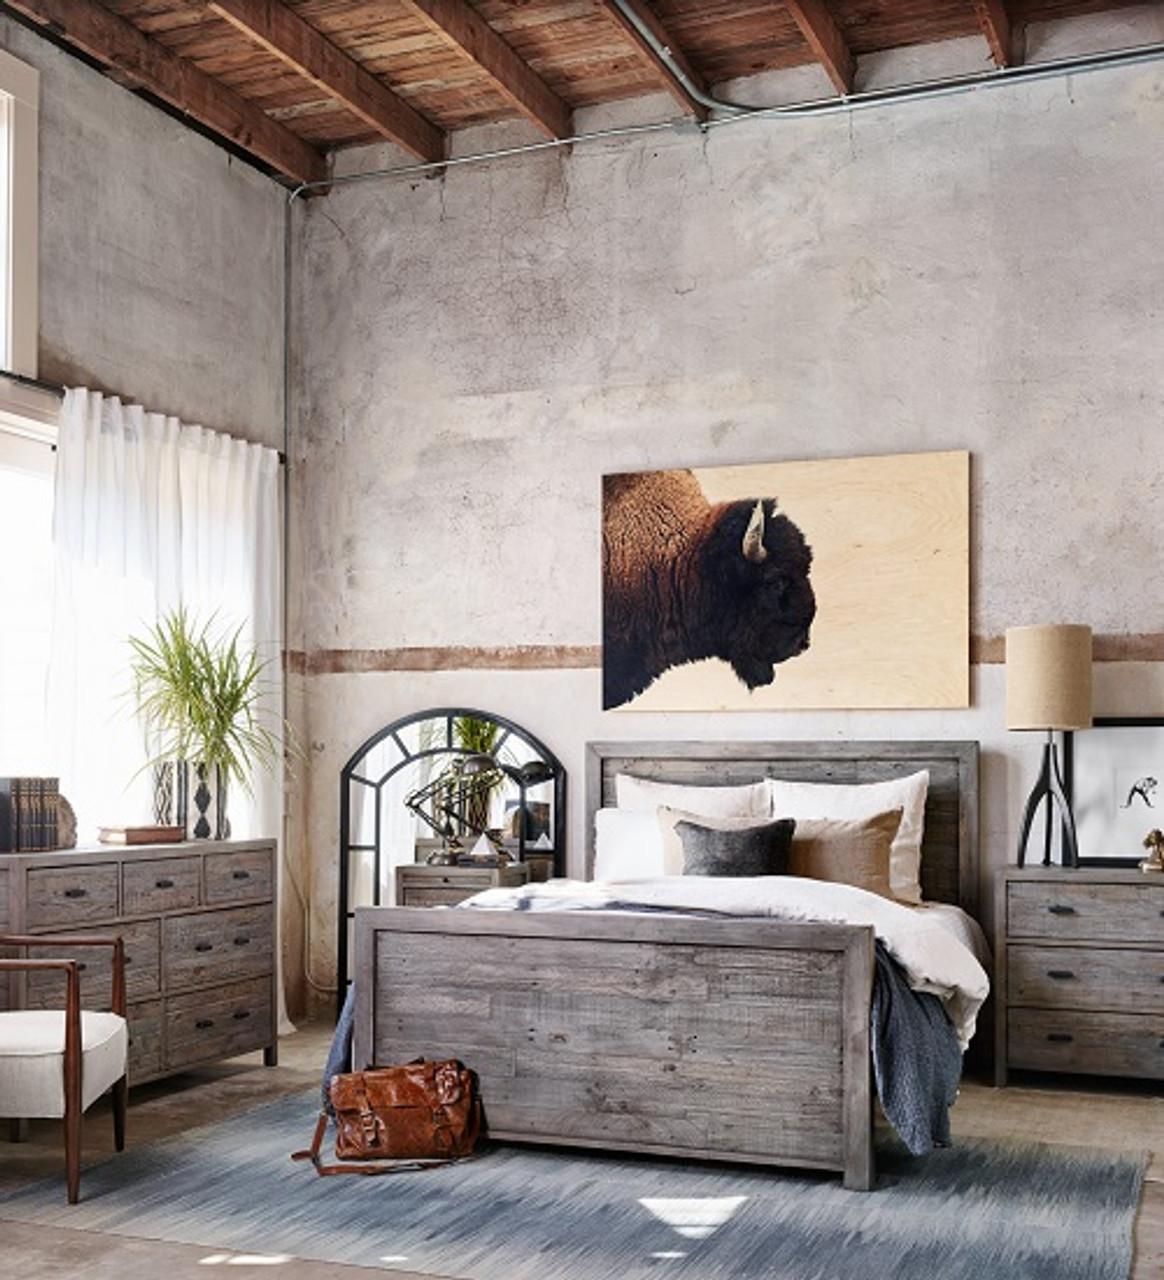 Zin Home & How to Choose Modern Rustic Bedroom Furniture - Zin Home